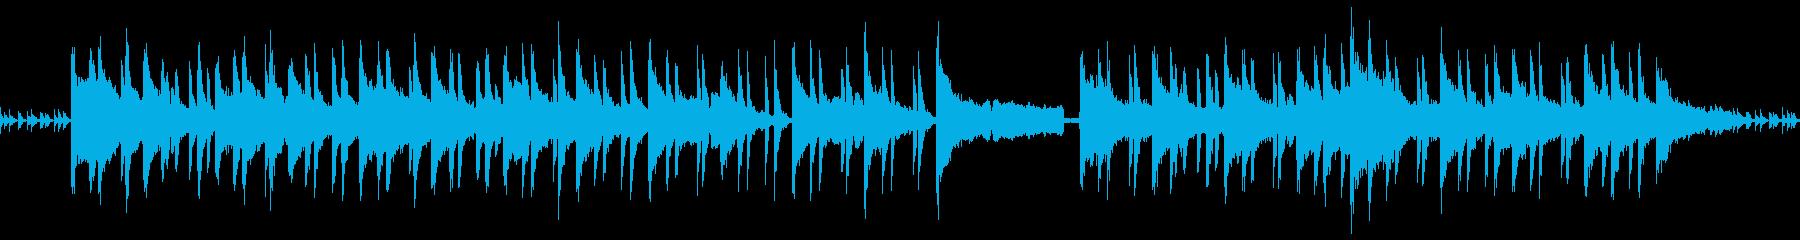 浮遊感が幻想的な声入りピアノアンビエントの再生済みの波形